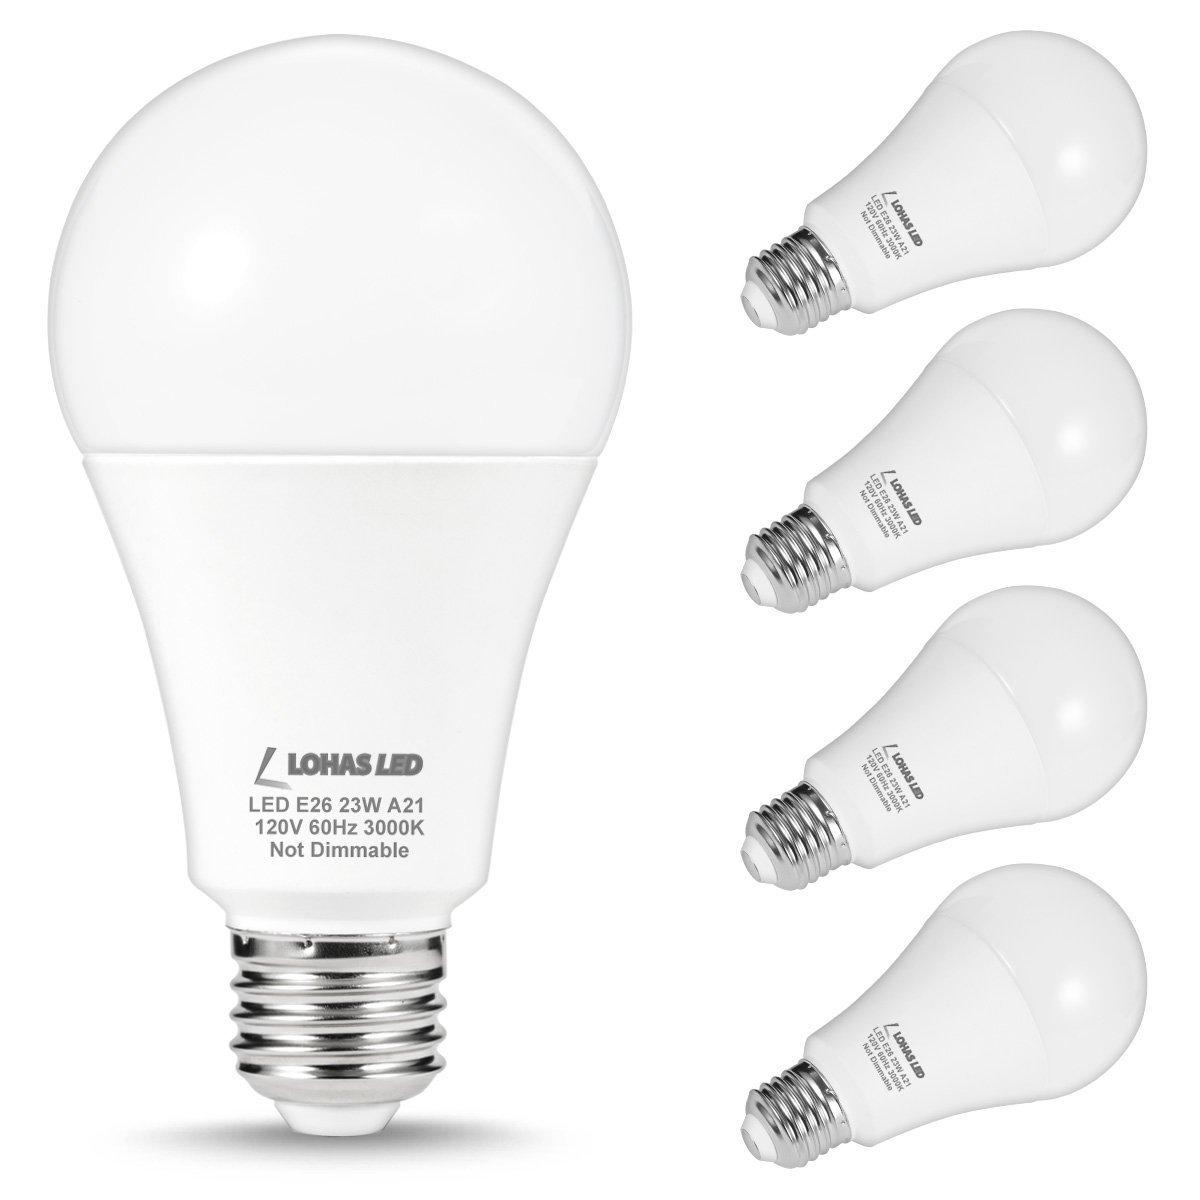 LOHAS A21 LED Light Bulb, 150-200 Watt Light Bulbs Equivalent, 23Watt Non Dimmable LED, Soft White (3000K), 2500 Lumens for Home Lighting, 4 Pack